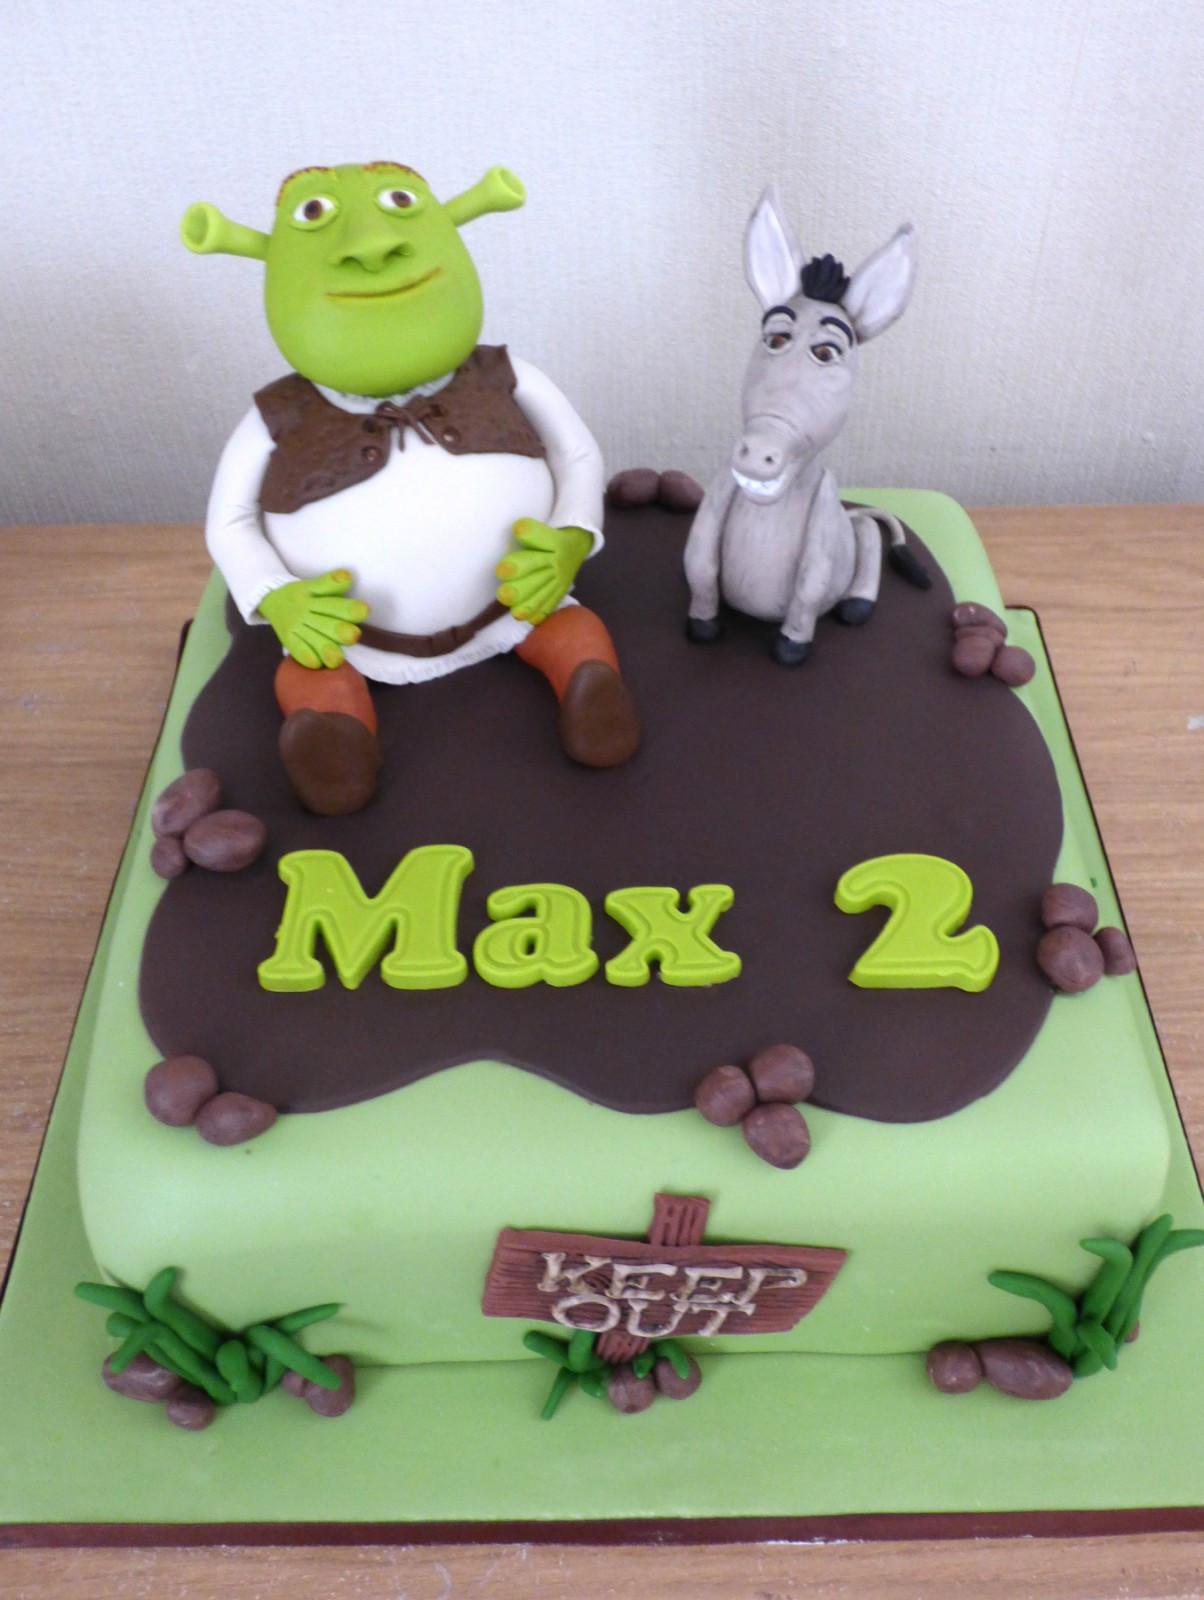 Shrek Birthday Cake  Shrek and Donkey Birthday Cake Susie s Cakes